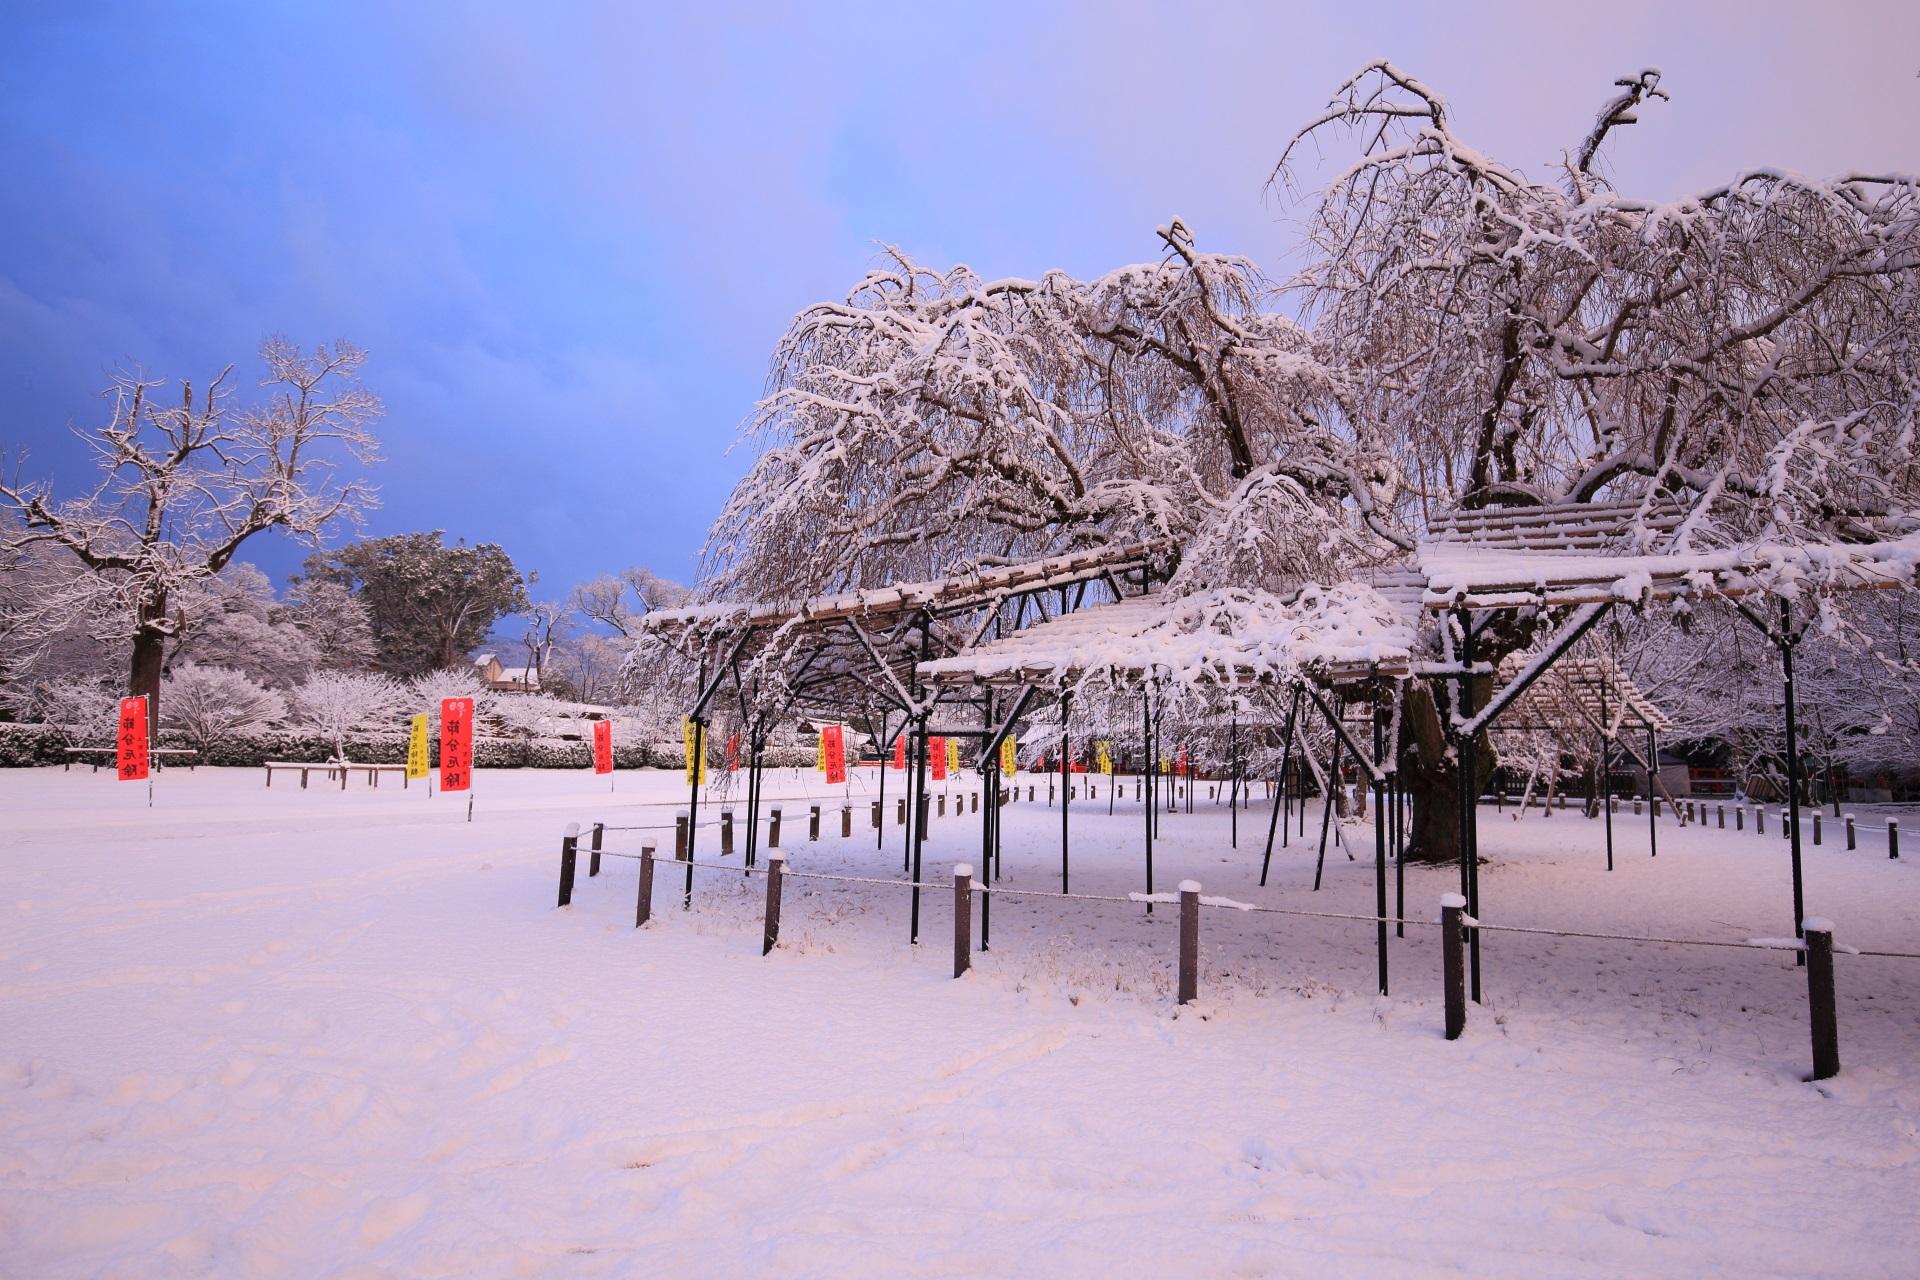 上賀茂神社の青空の下で咲き誇る雪の斎王桜